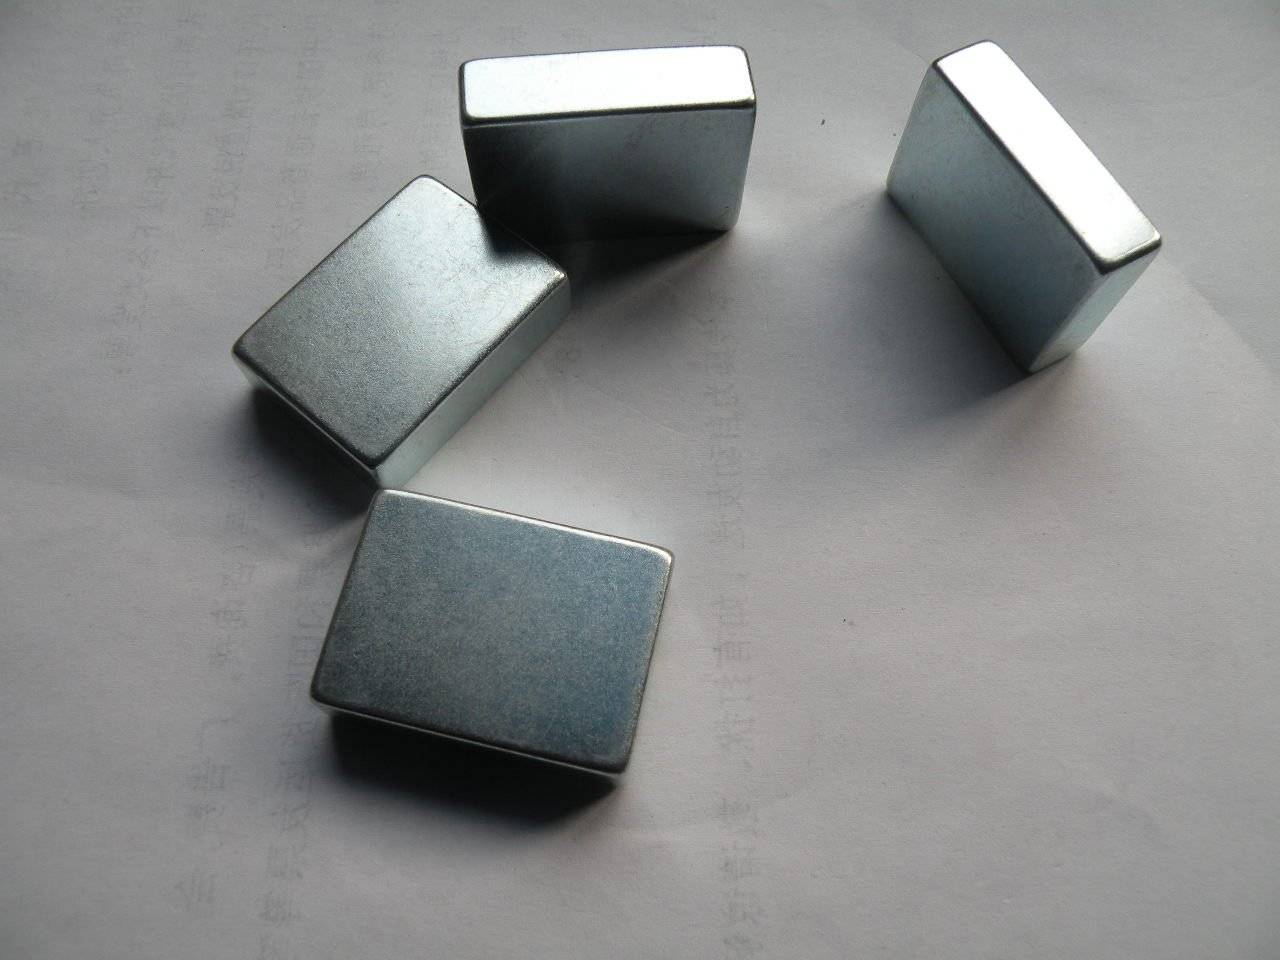 Cube design neodymium magnet